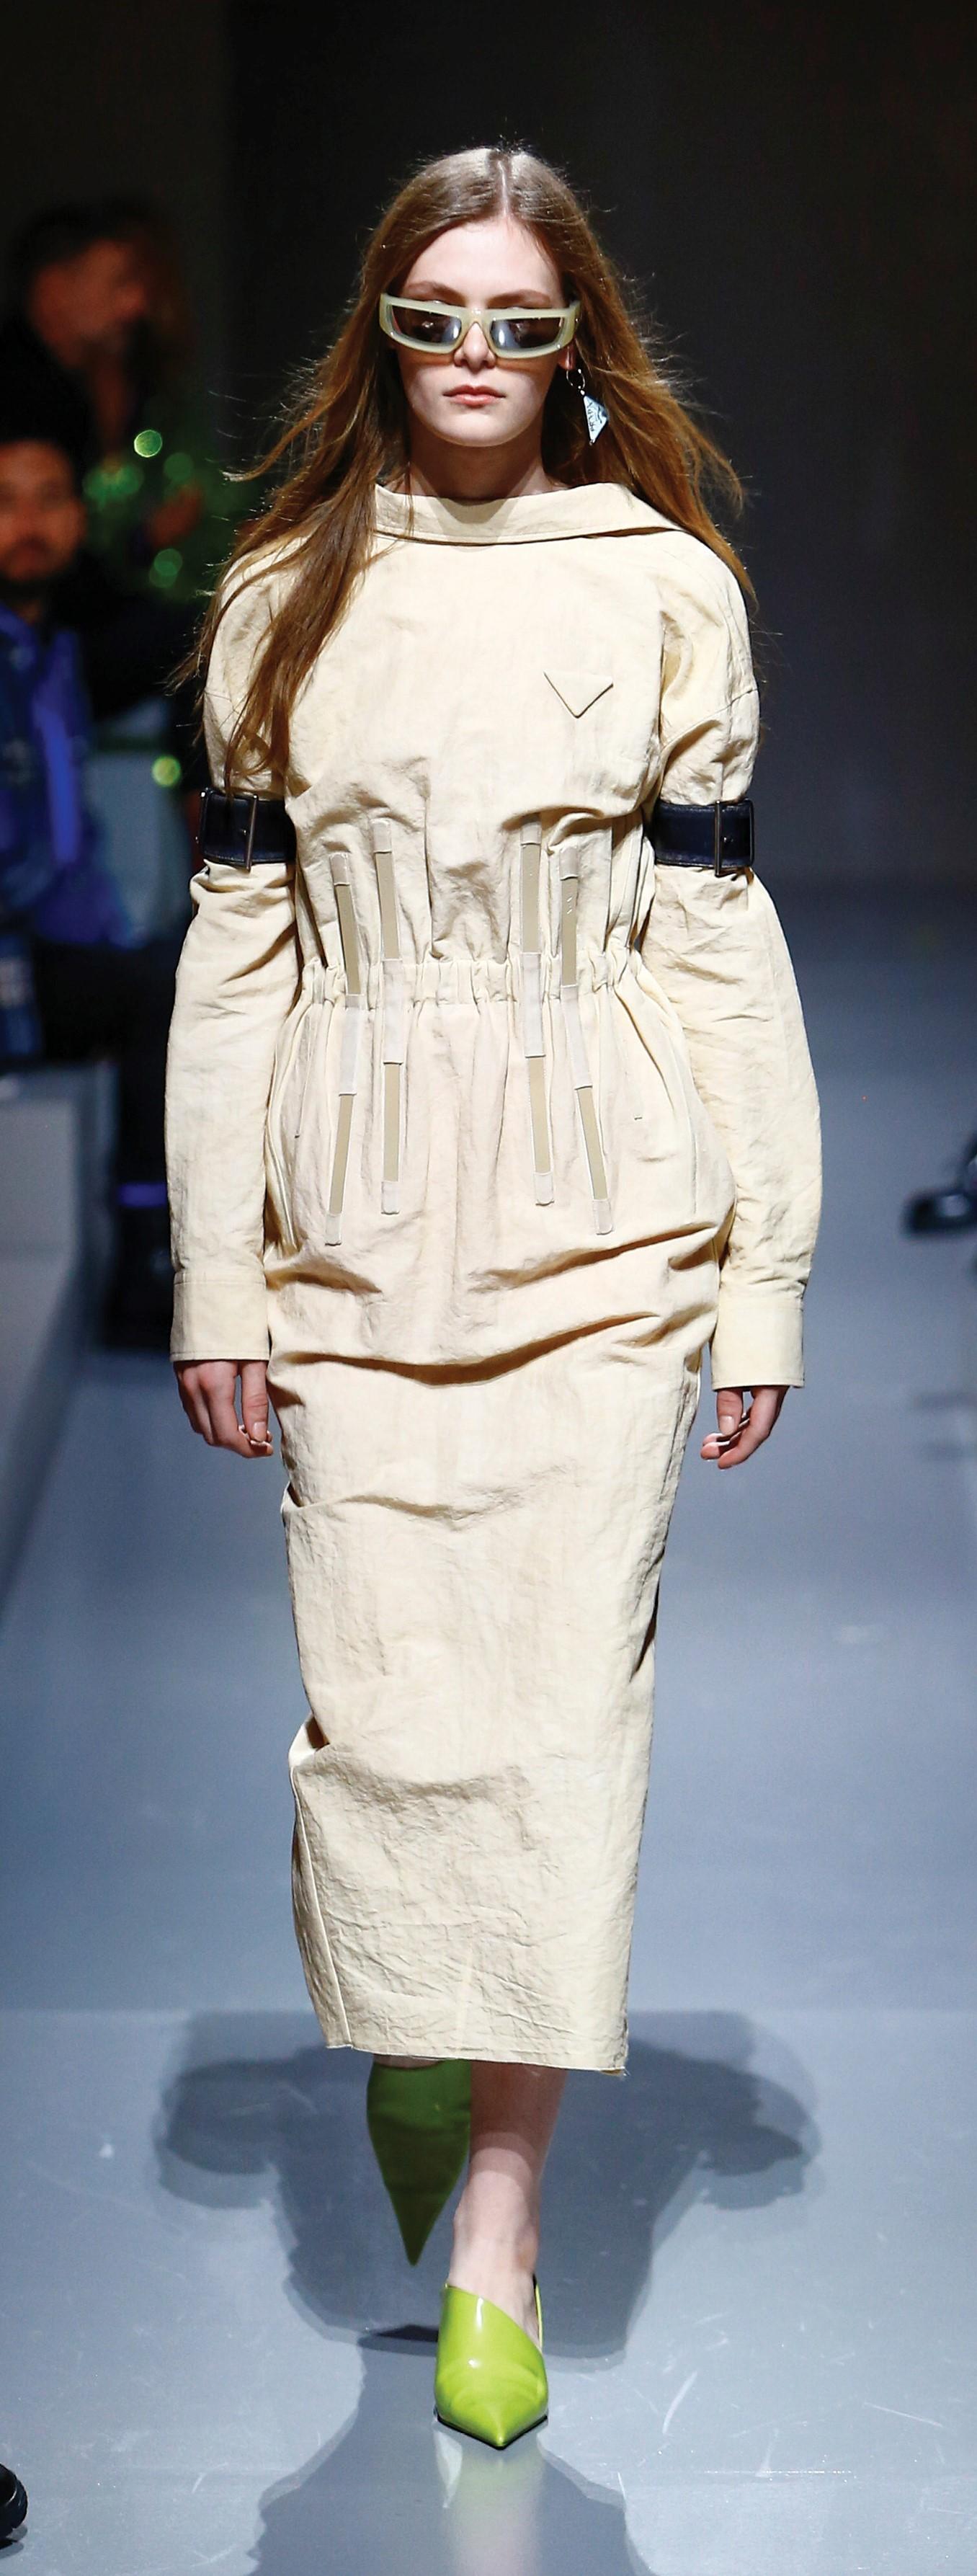 Vestido con la espalda al aire de la colección de Prada primavera-verano 2022.